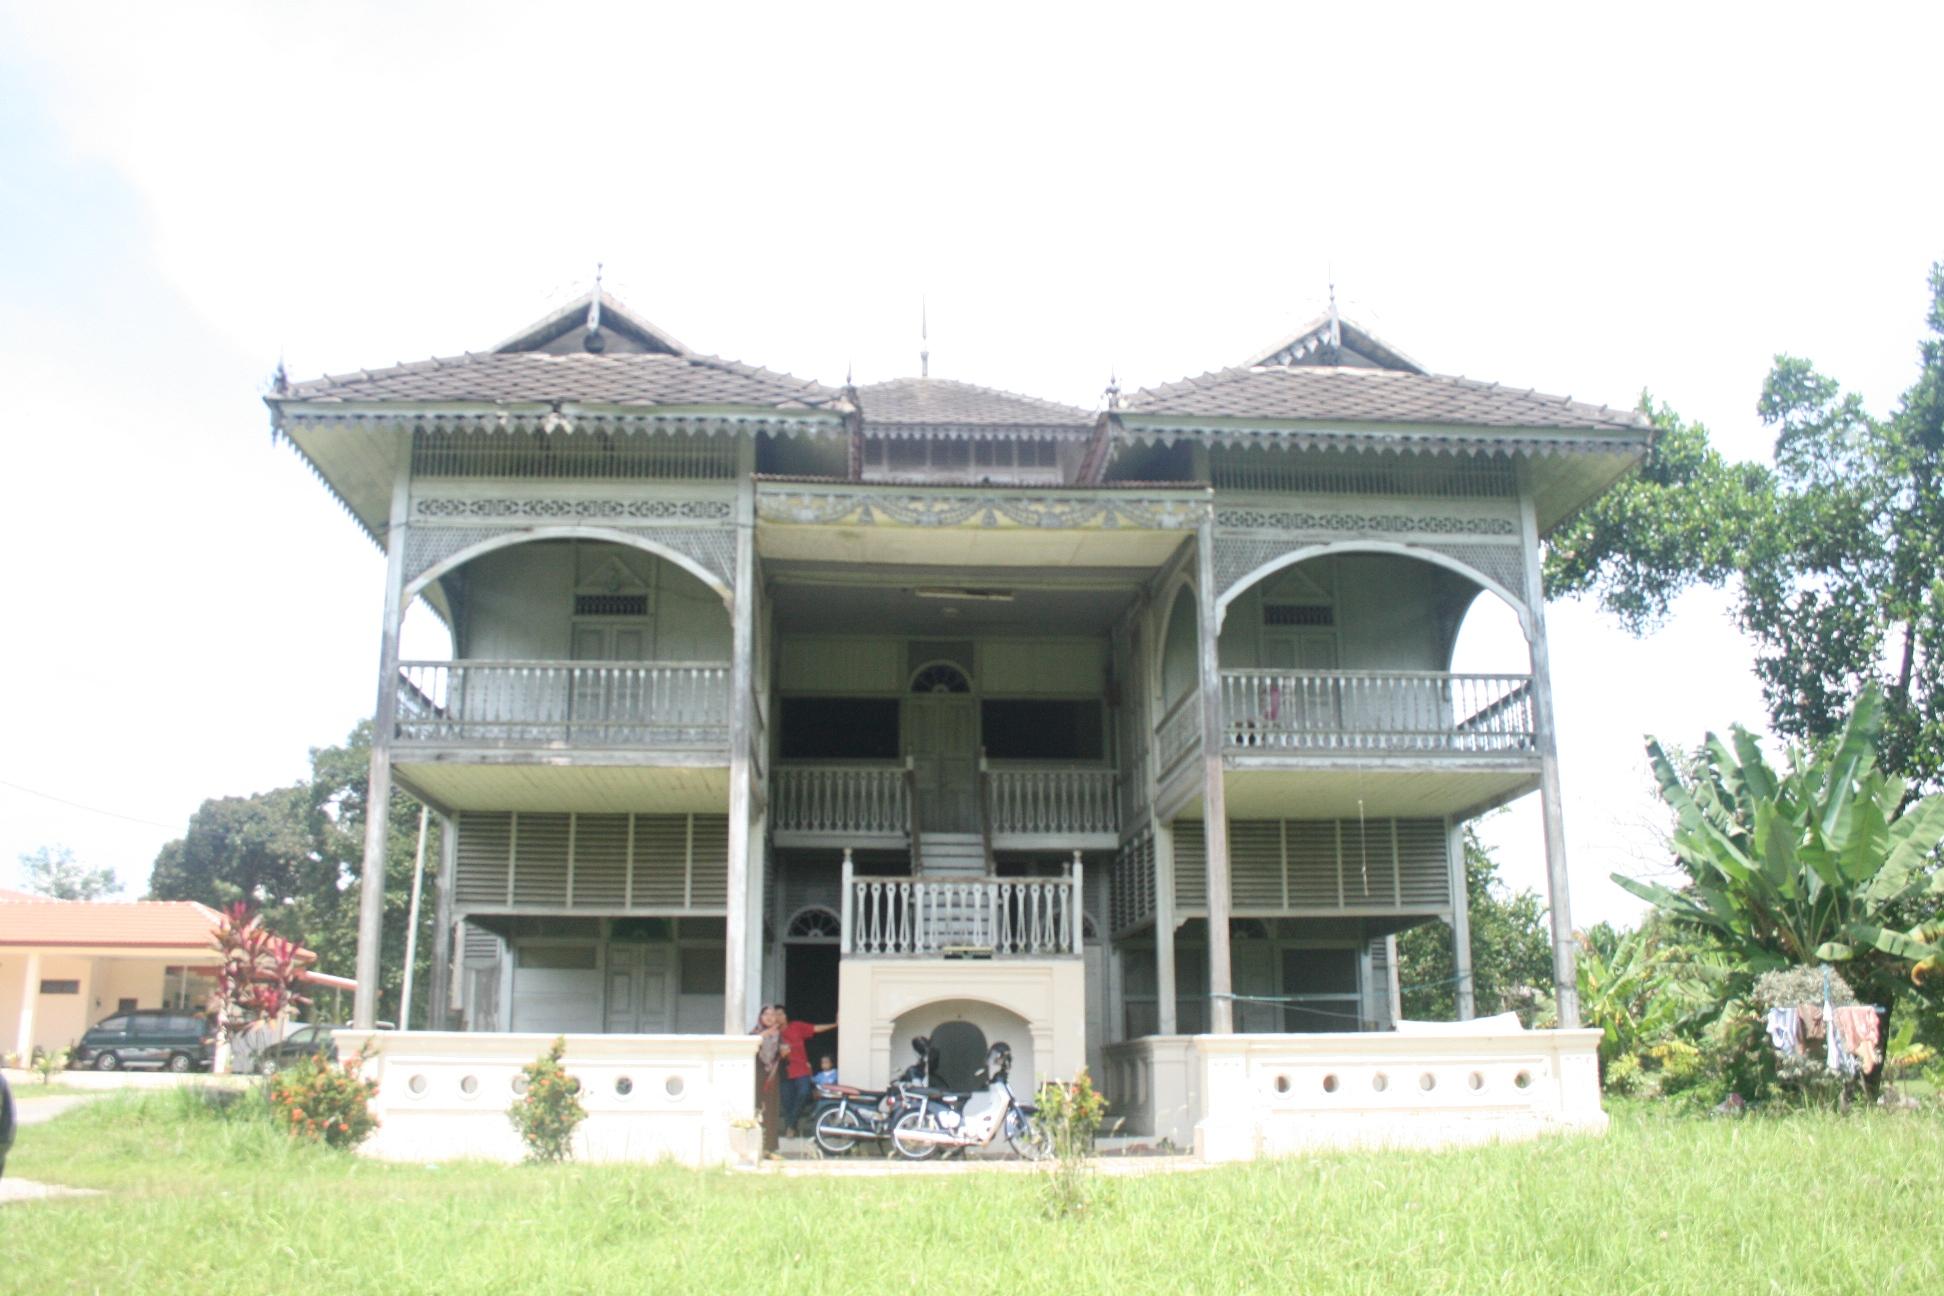 Rumah Melayu bercirikan Inggeris di Bota (kiri) dan sebuah Istana Lama